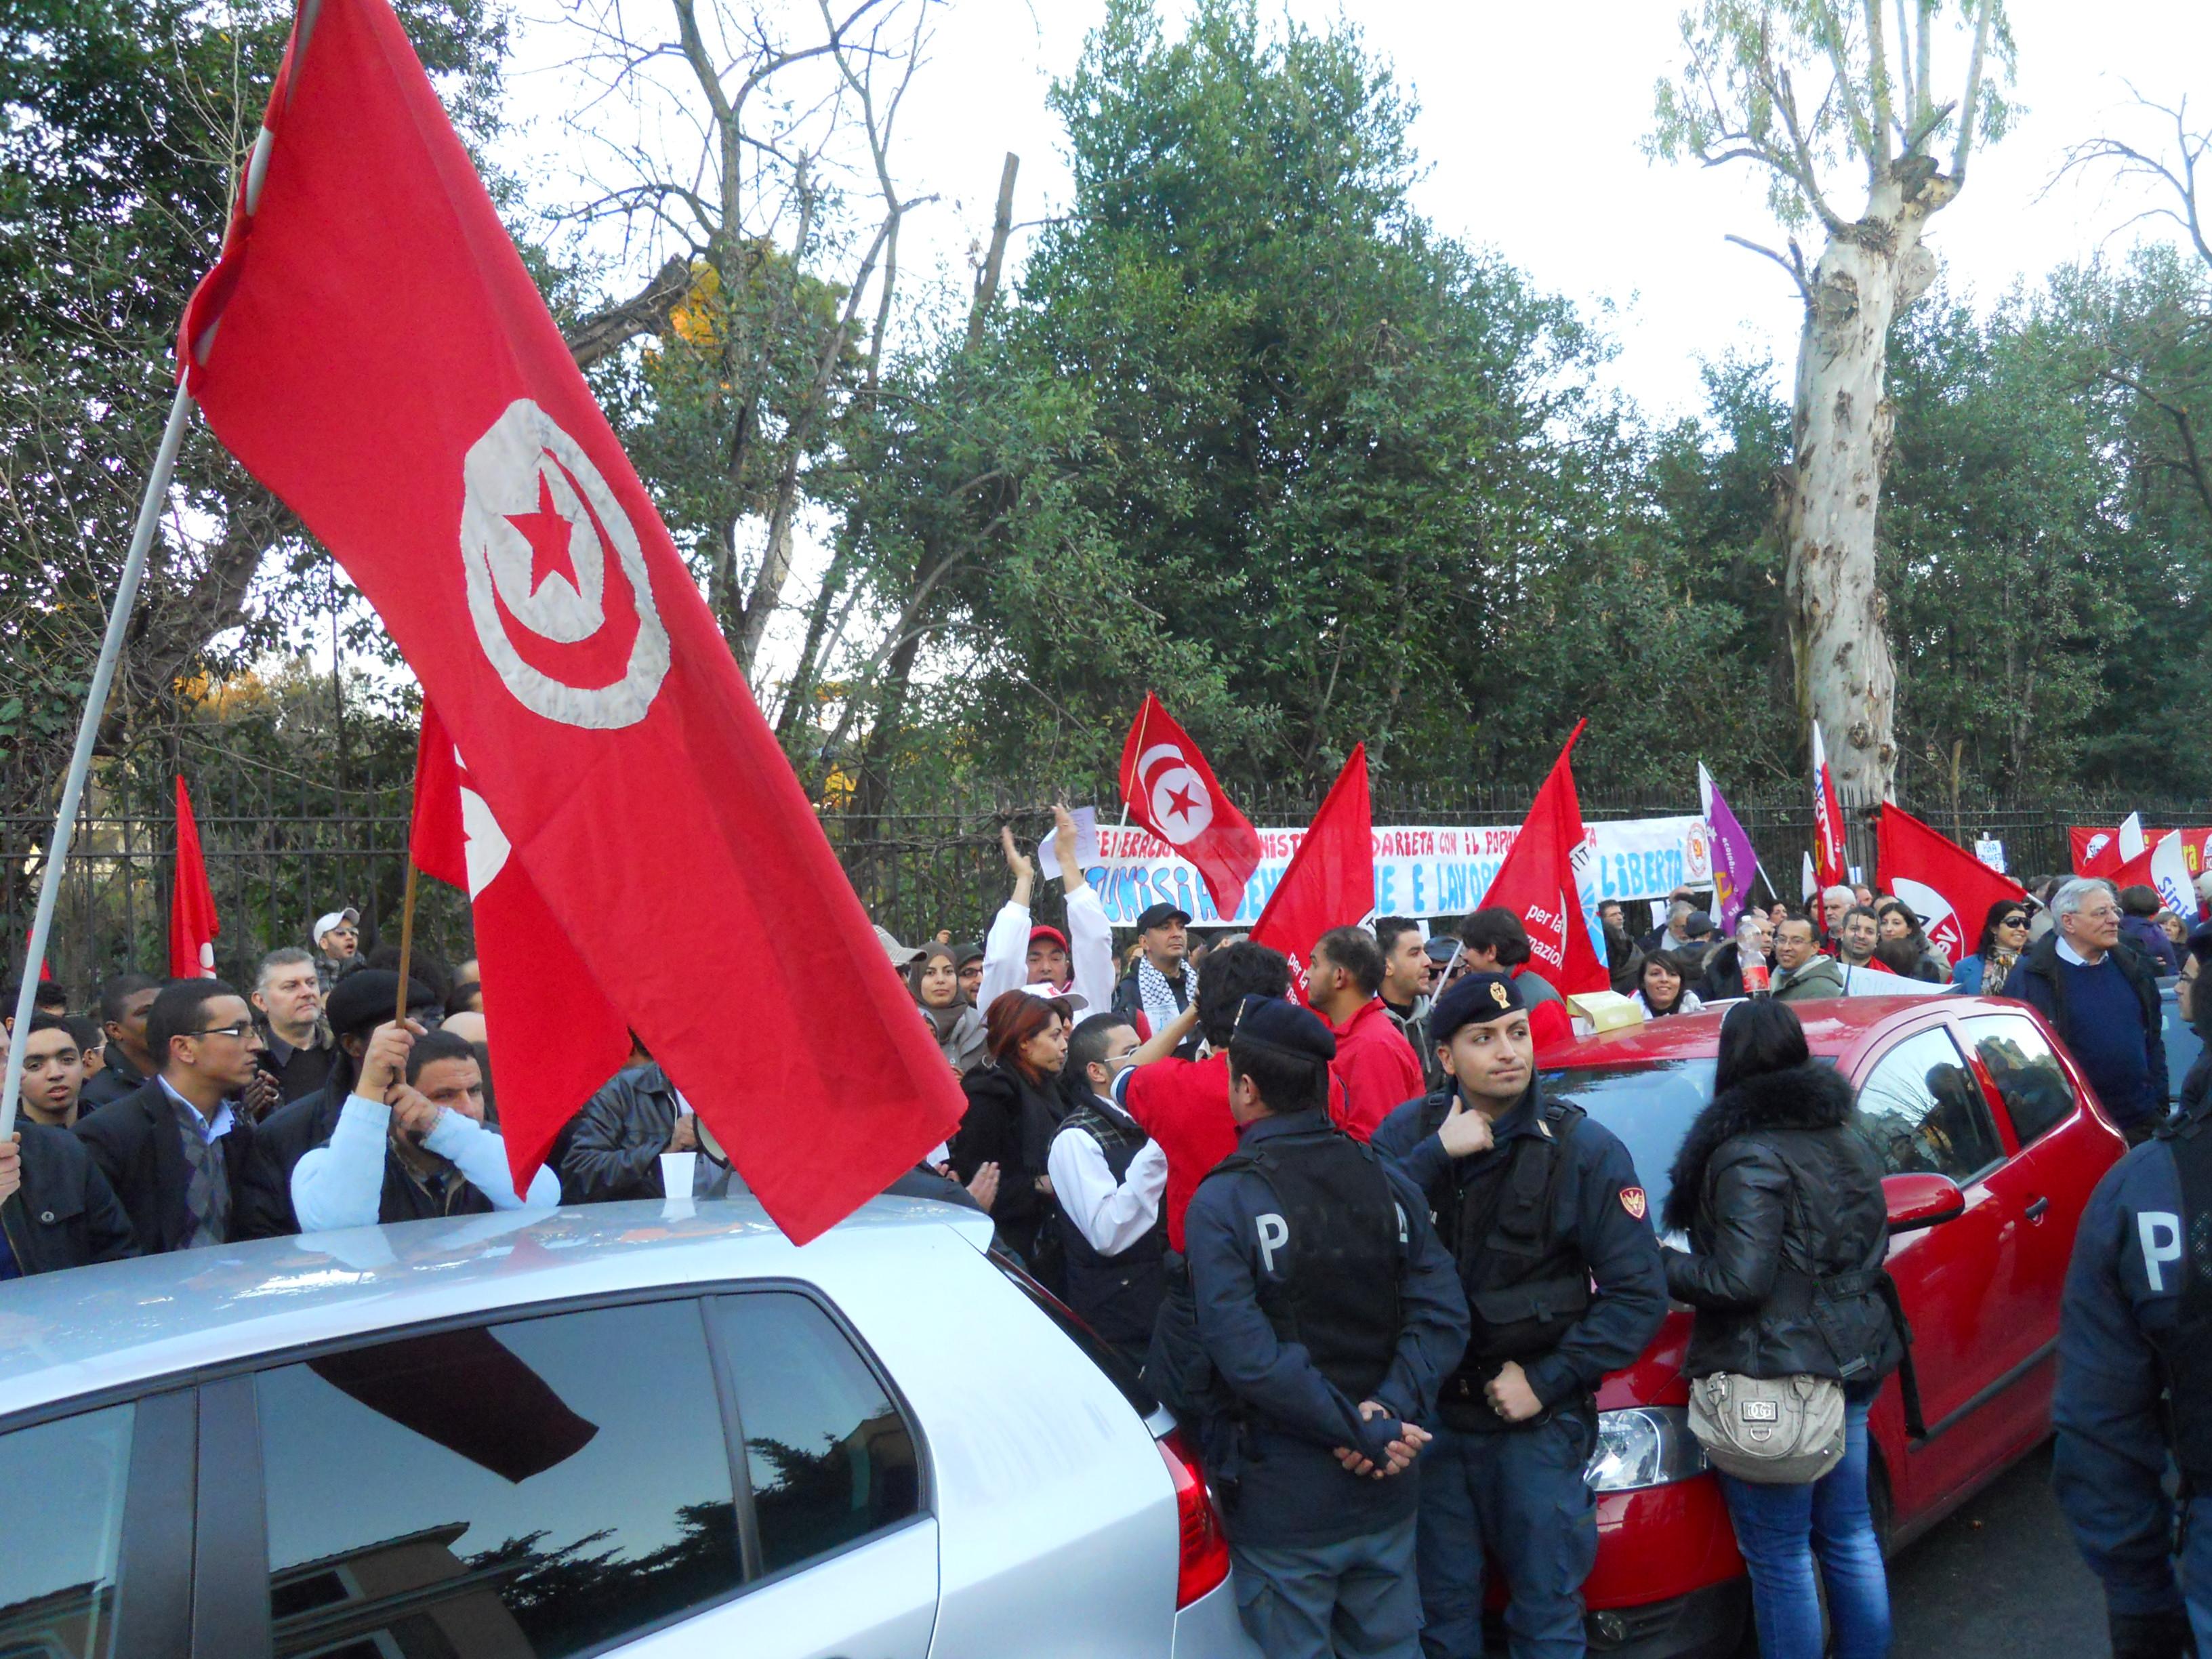 Ambasciata di Tunisia – Sit in per la democrazia – Roma 15/1/2011